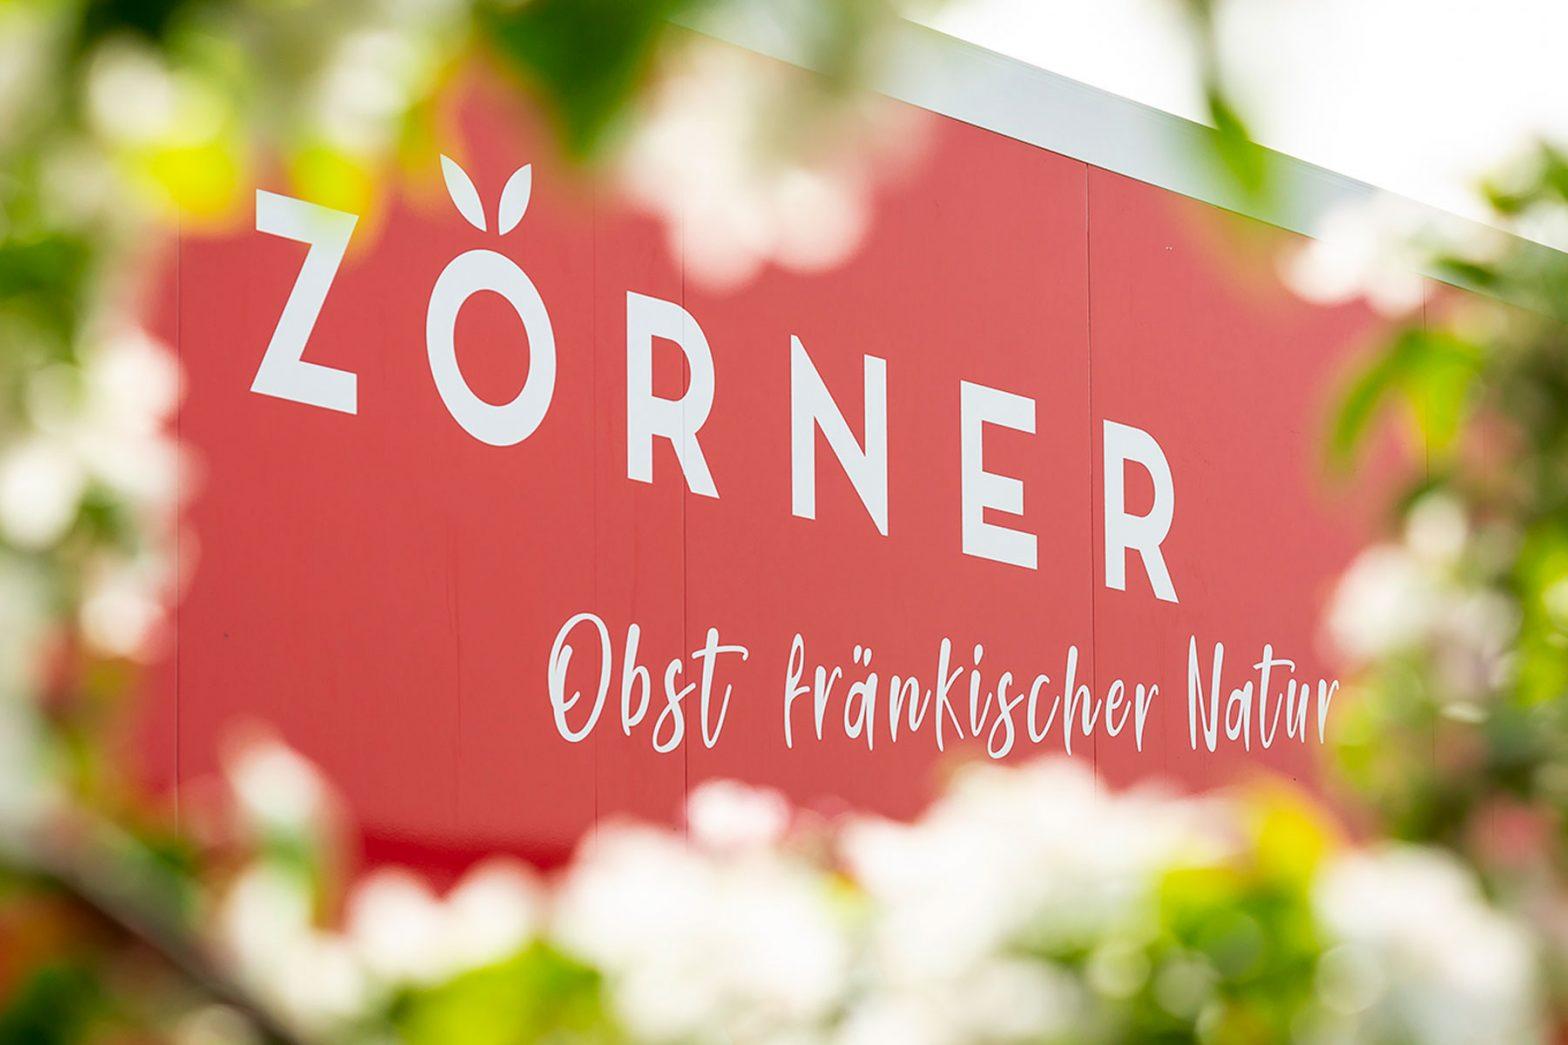 Strom_Von_Quelle_Obsthof_Zoerner_Corporate_Design_Startseite